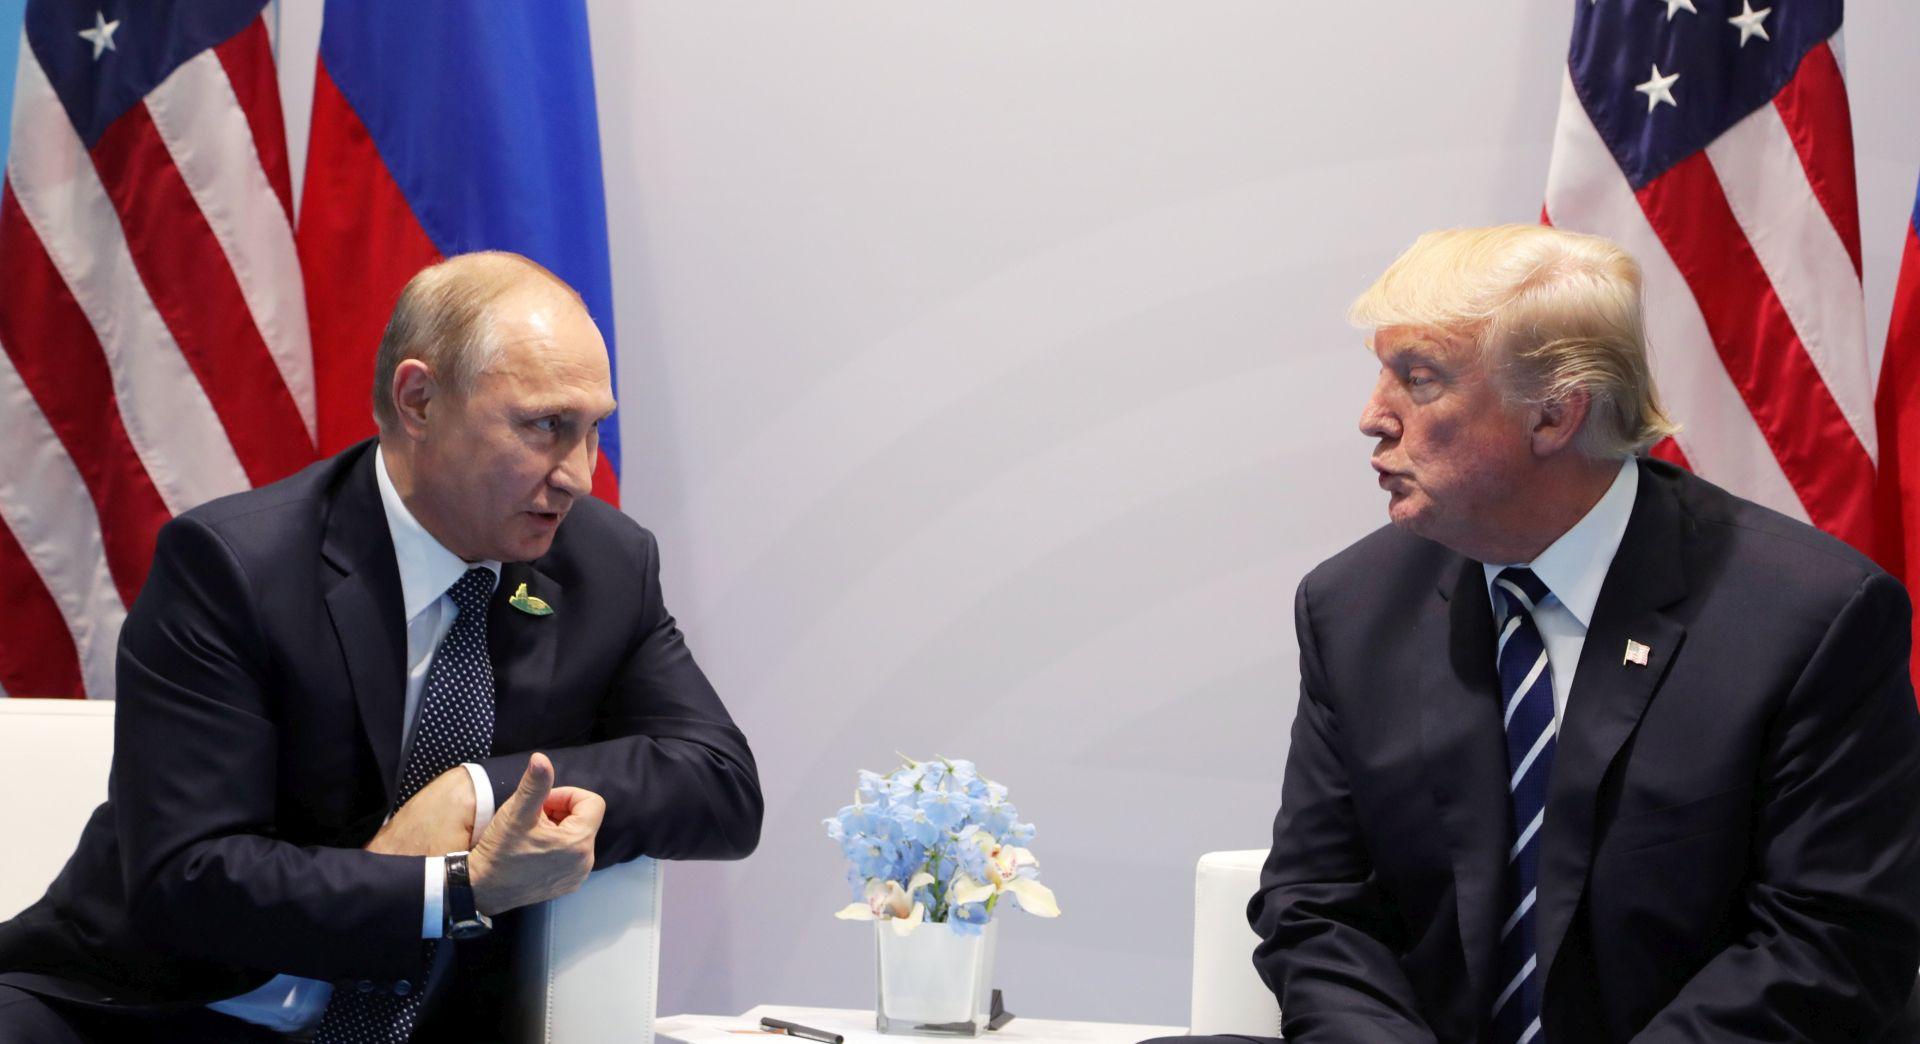 Bijela kuća istražuje curenje bilješke: 'NE ČESTITATI Putinu'